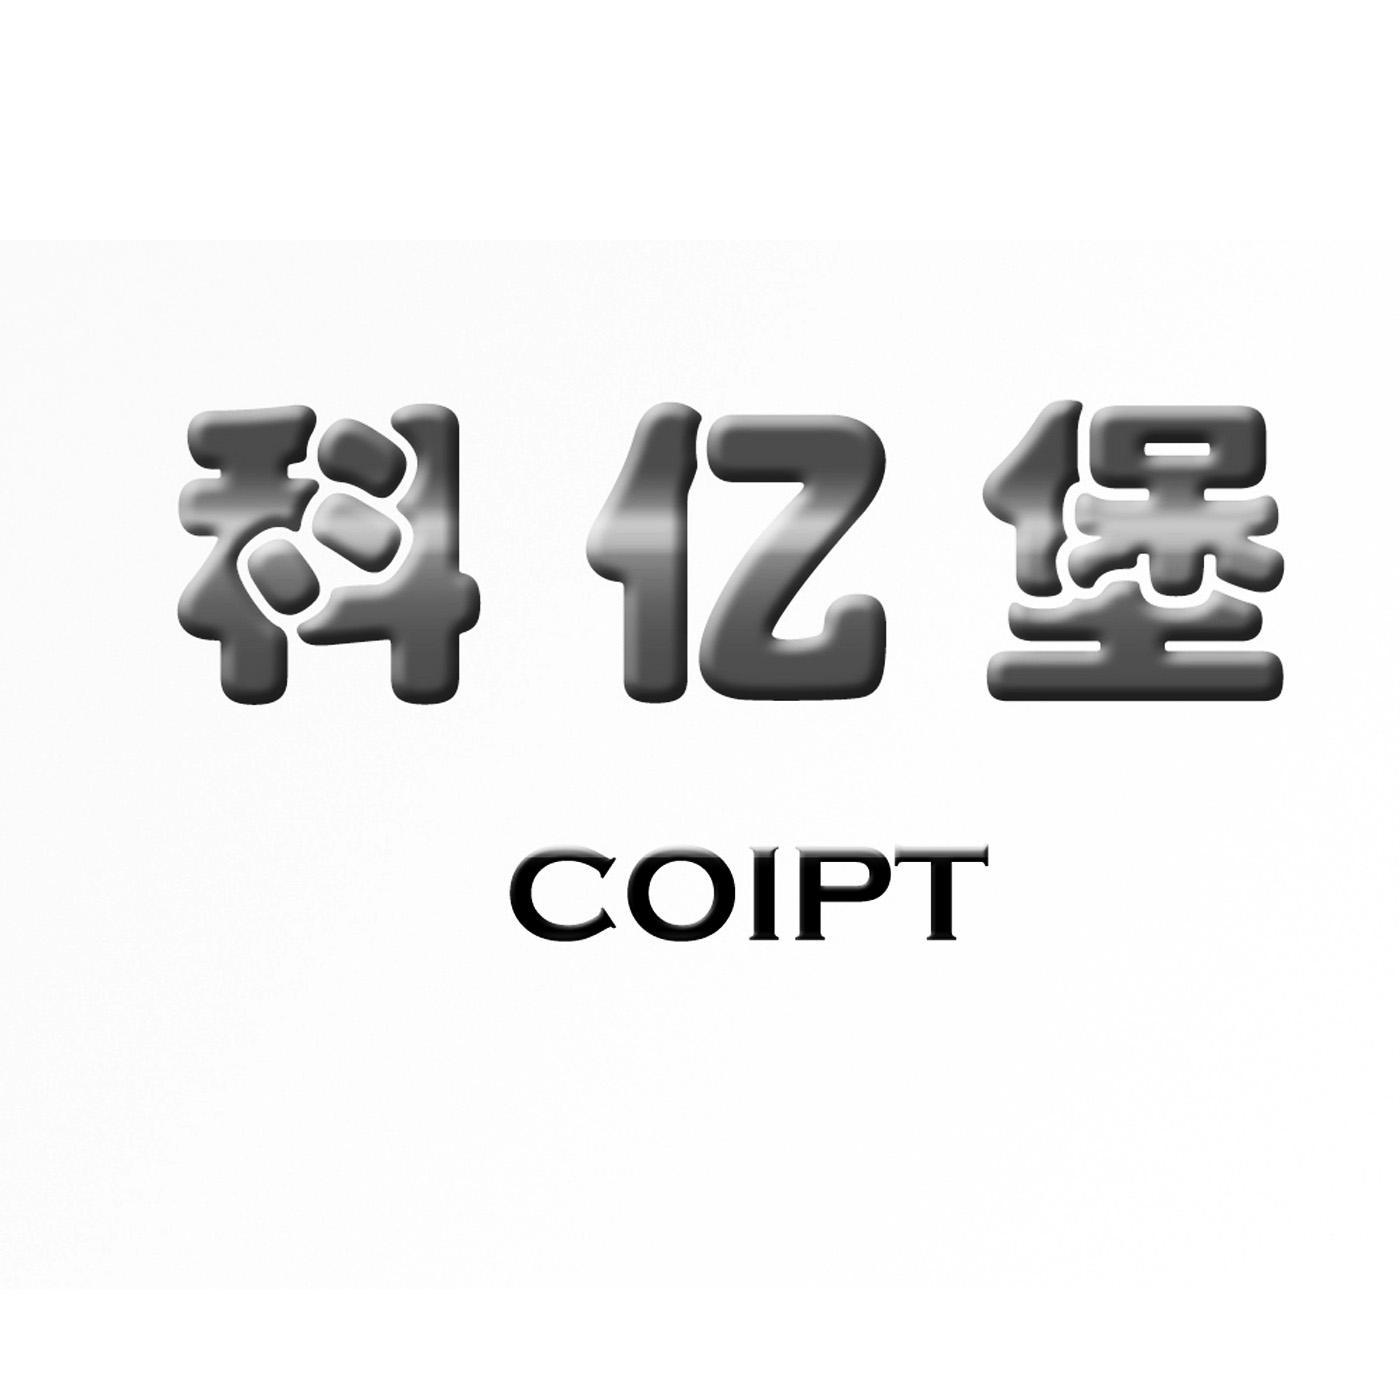 logo logo 标志 设计 矢量 矢量图 素材 图标 1400_1400